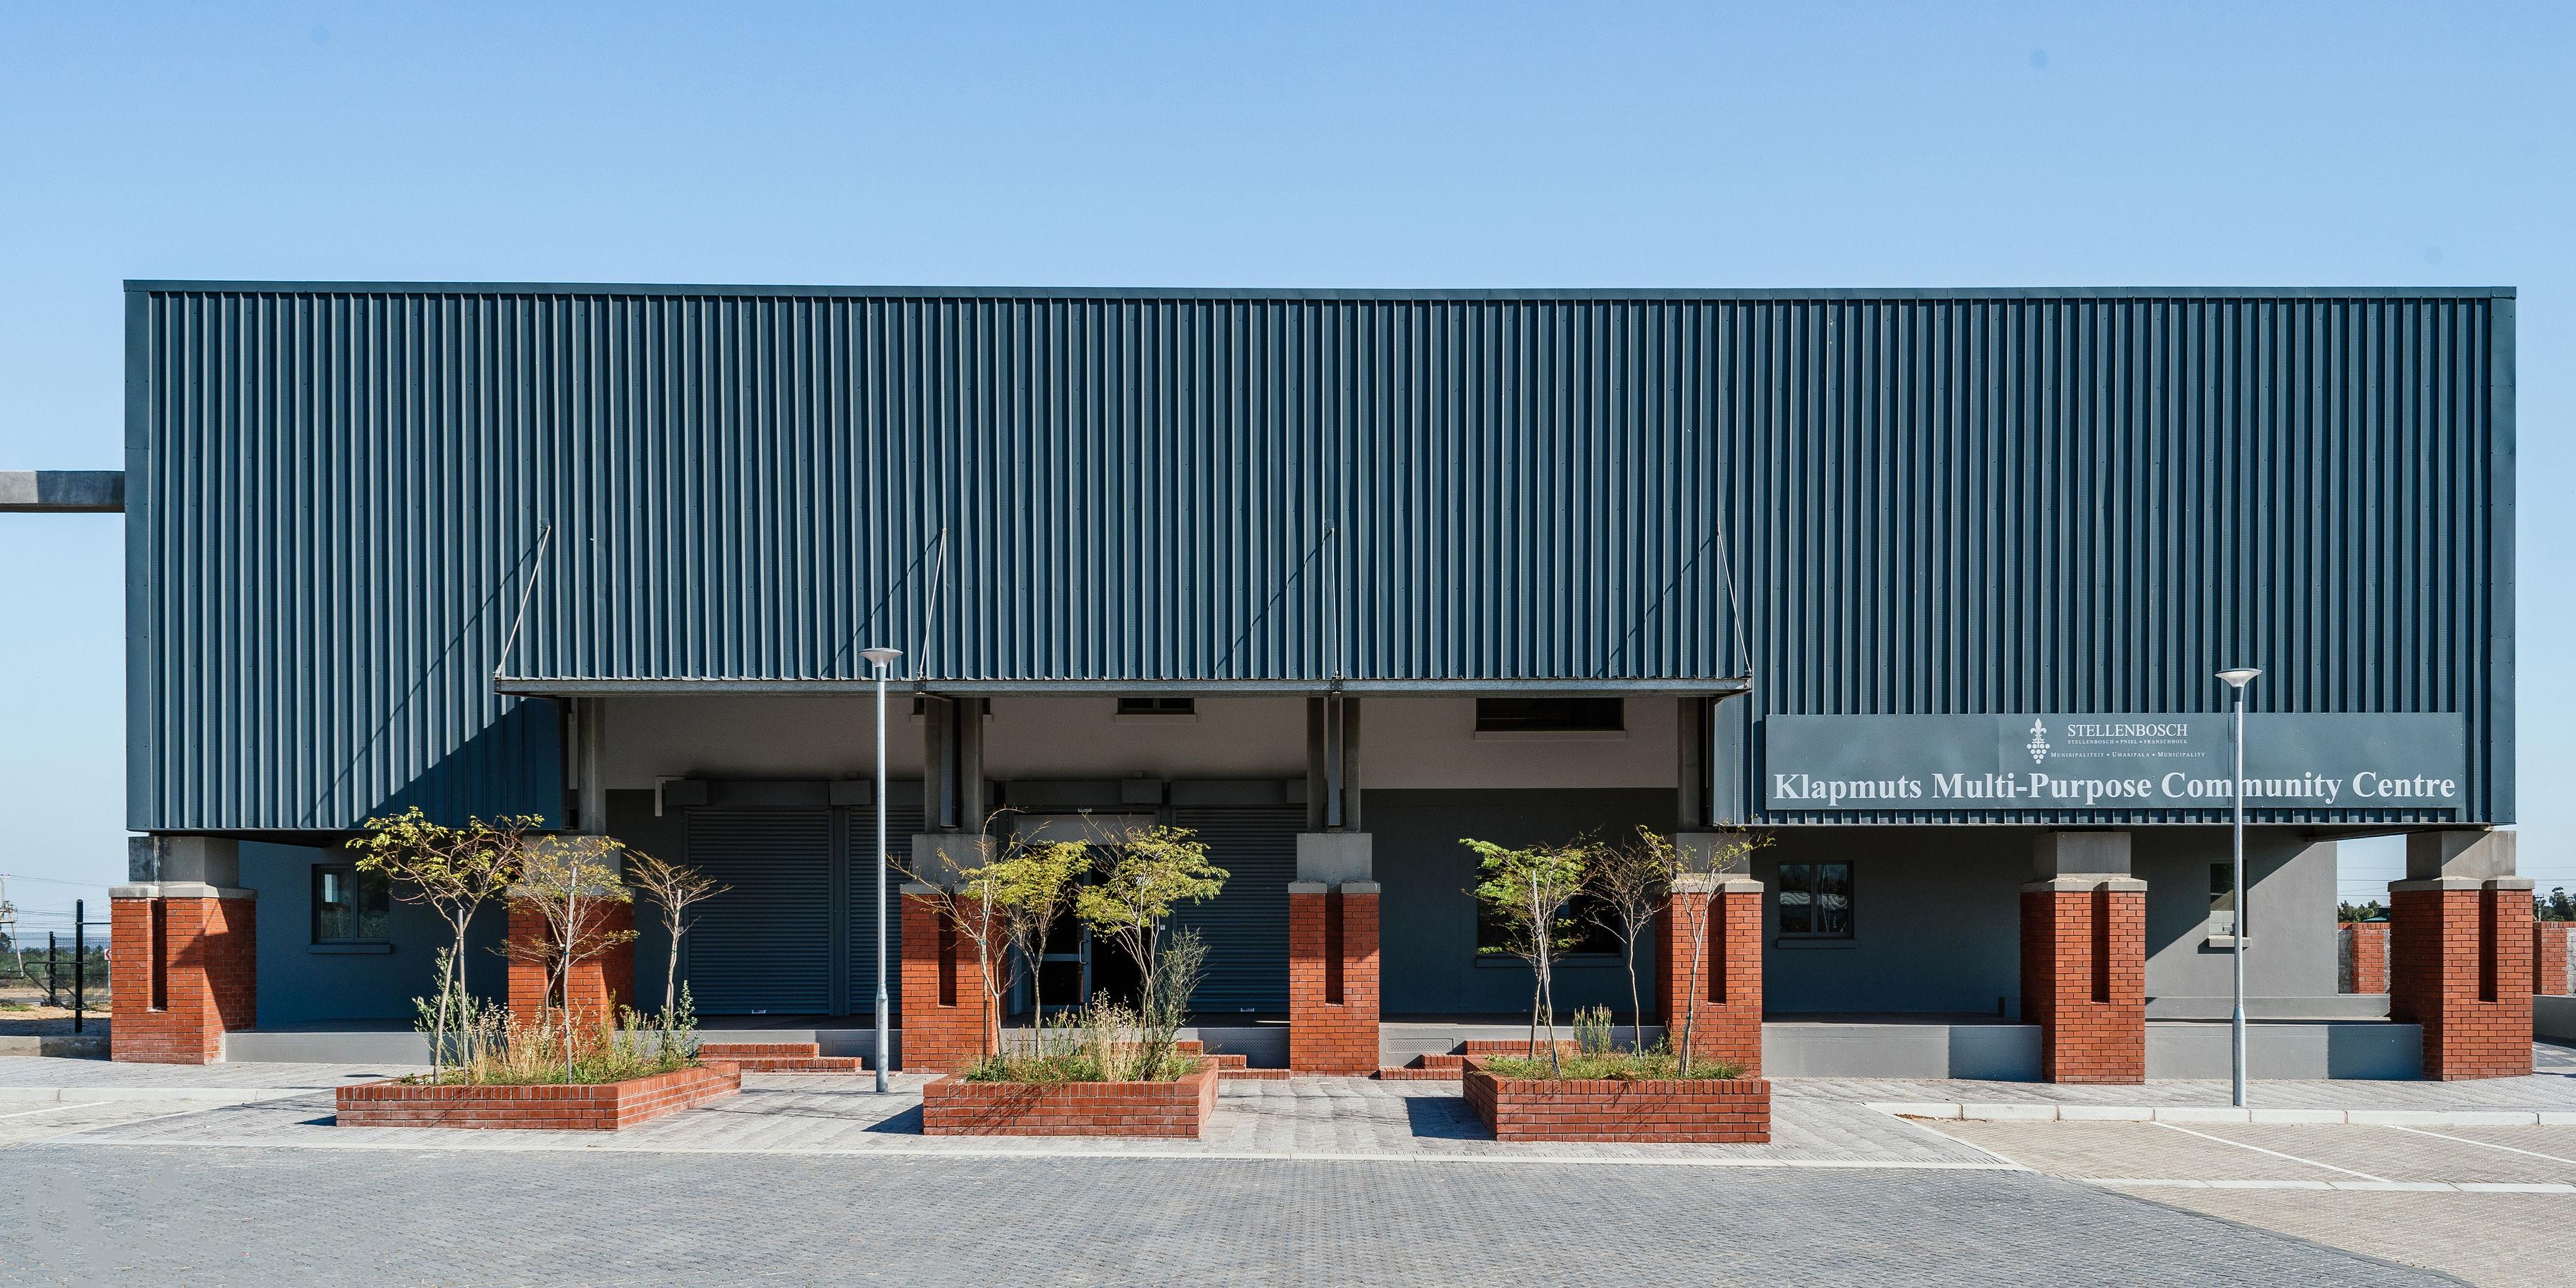 Klapmuts community centre